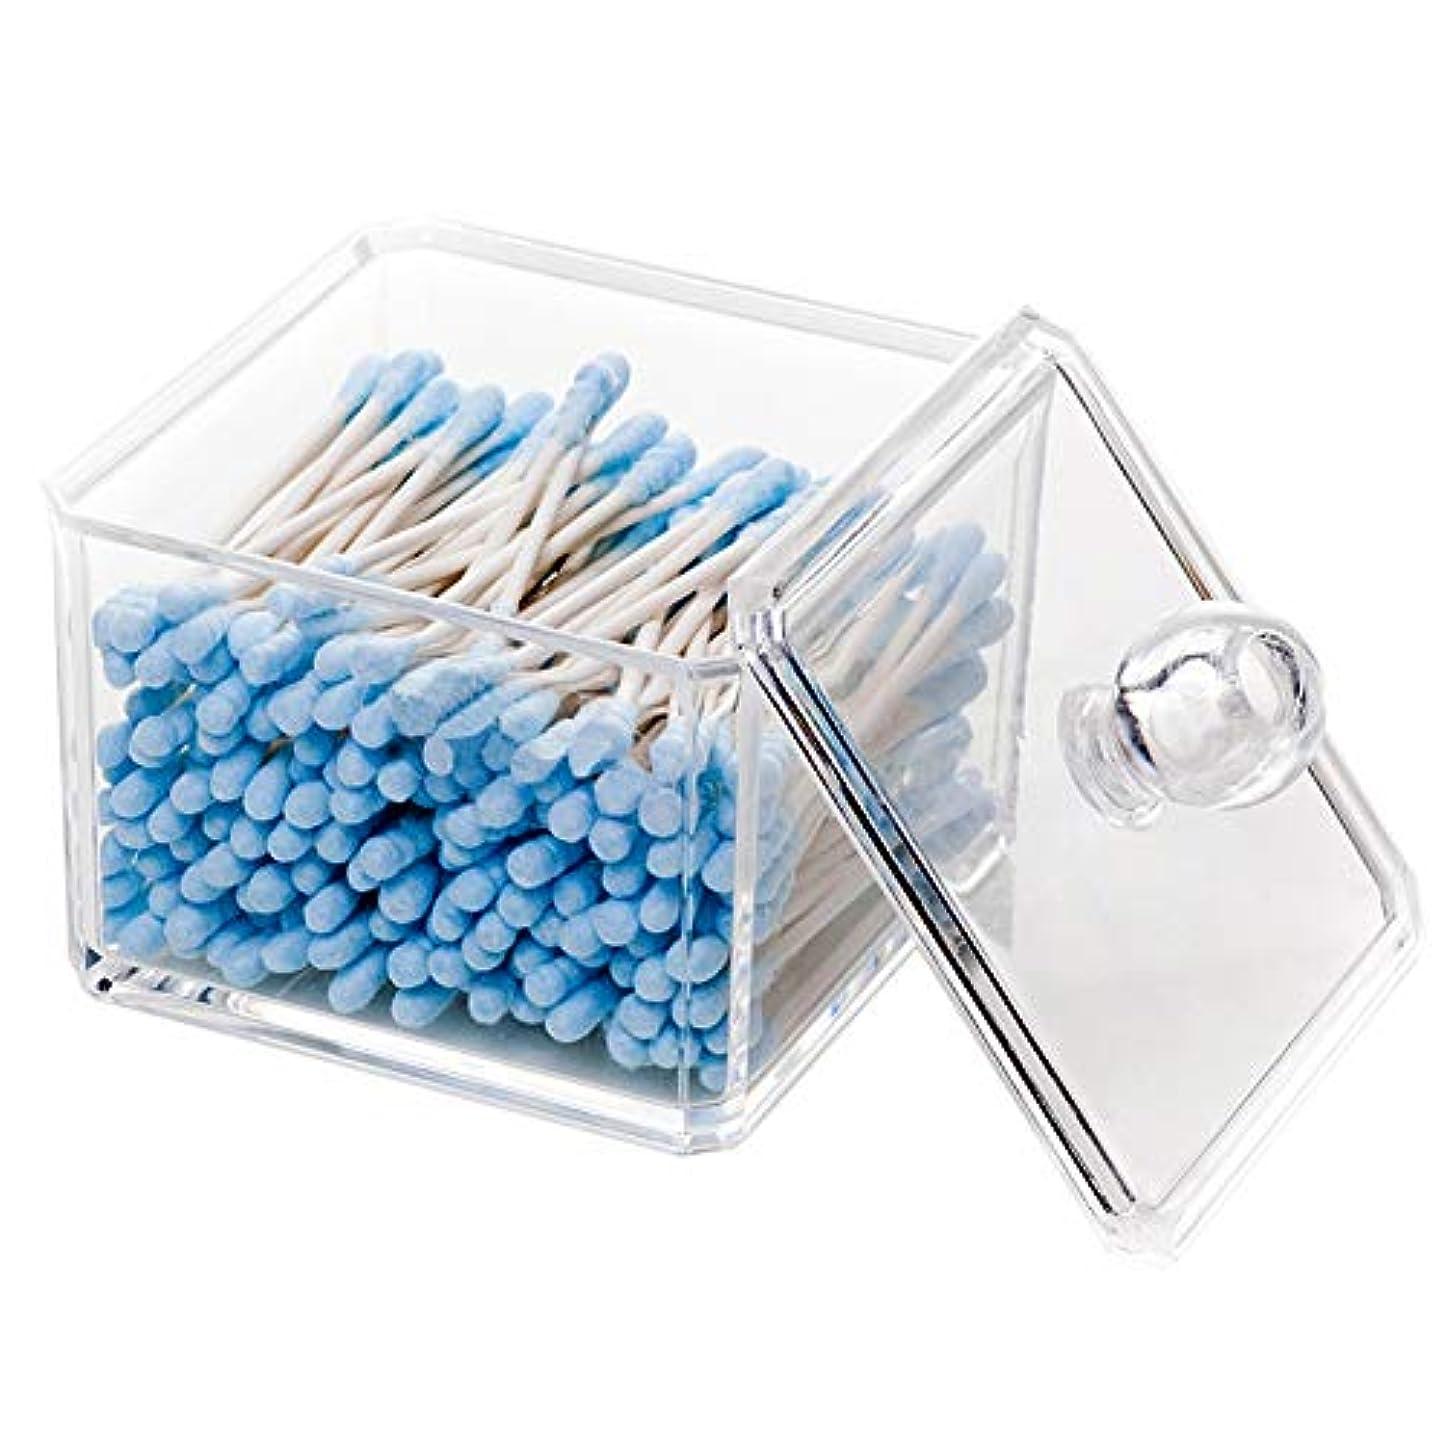 戦いゴミ箱を空にする使役綿棒収納ボックス 綿棒ケース アクリル製 コットンケース 綿棒入れ フタ付き 小物入れ QFENC